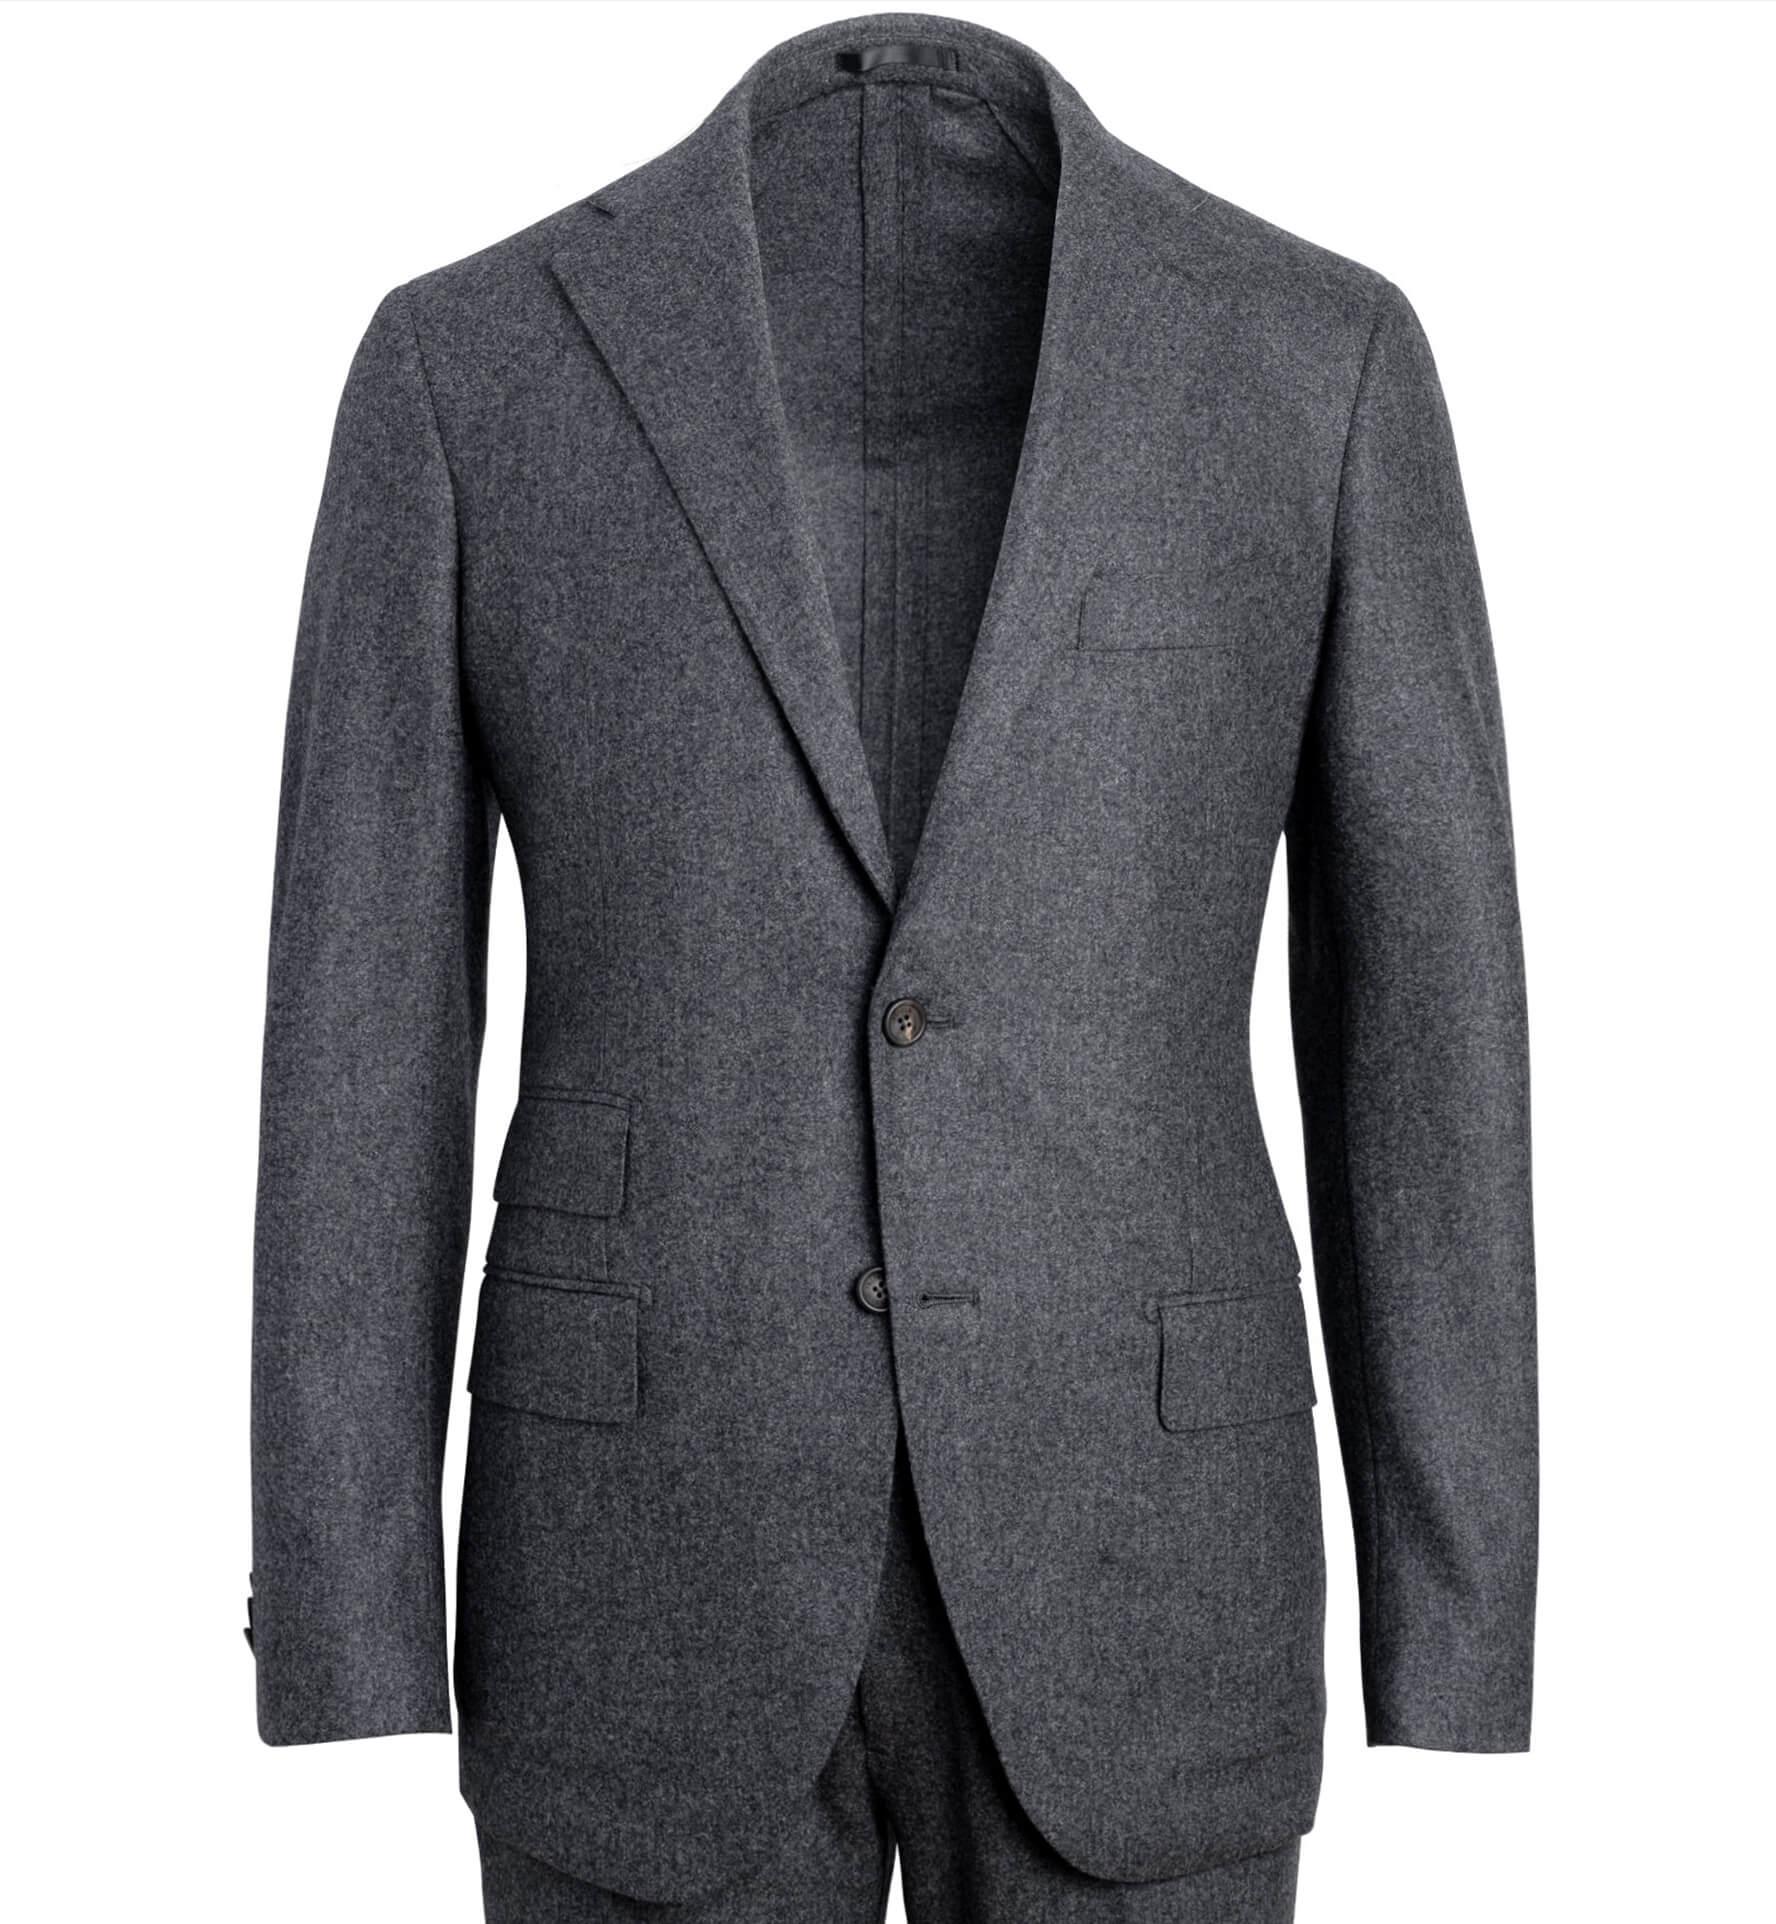 Zoom Image of Allen Grey Wool Flannel Suit Jacket